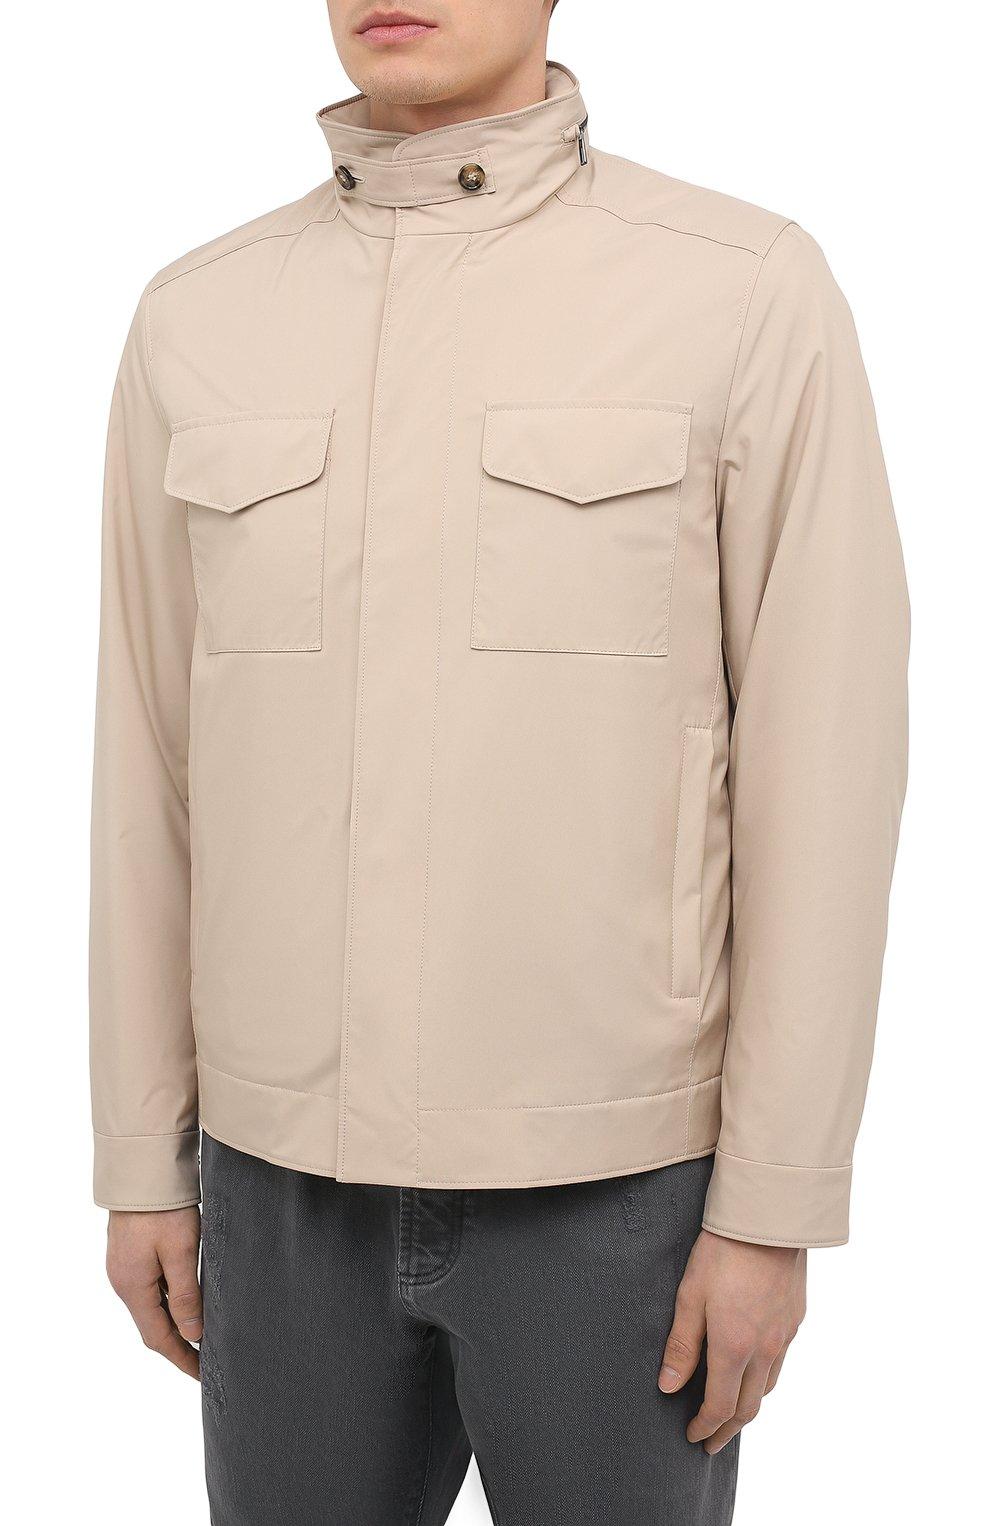 Мужская куртка LORO PIANA бежевого цвета, арт. FAL5139 | Фото 3 (Кросс-КТ: Куртка, Ветровка; Материал утеплителя: Шерсть; Рукава: Длинные; Материал внешний: Синтетический материал; Длина (верхняя одежда): Короткие; Стили: Кэжуэл)